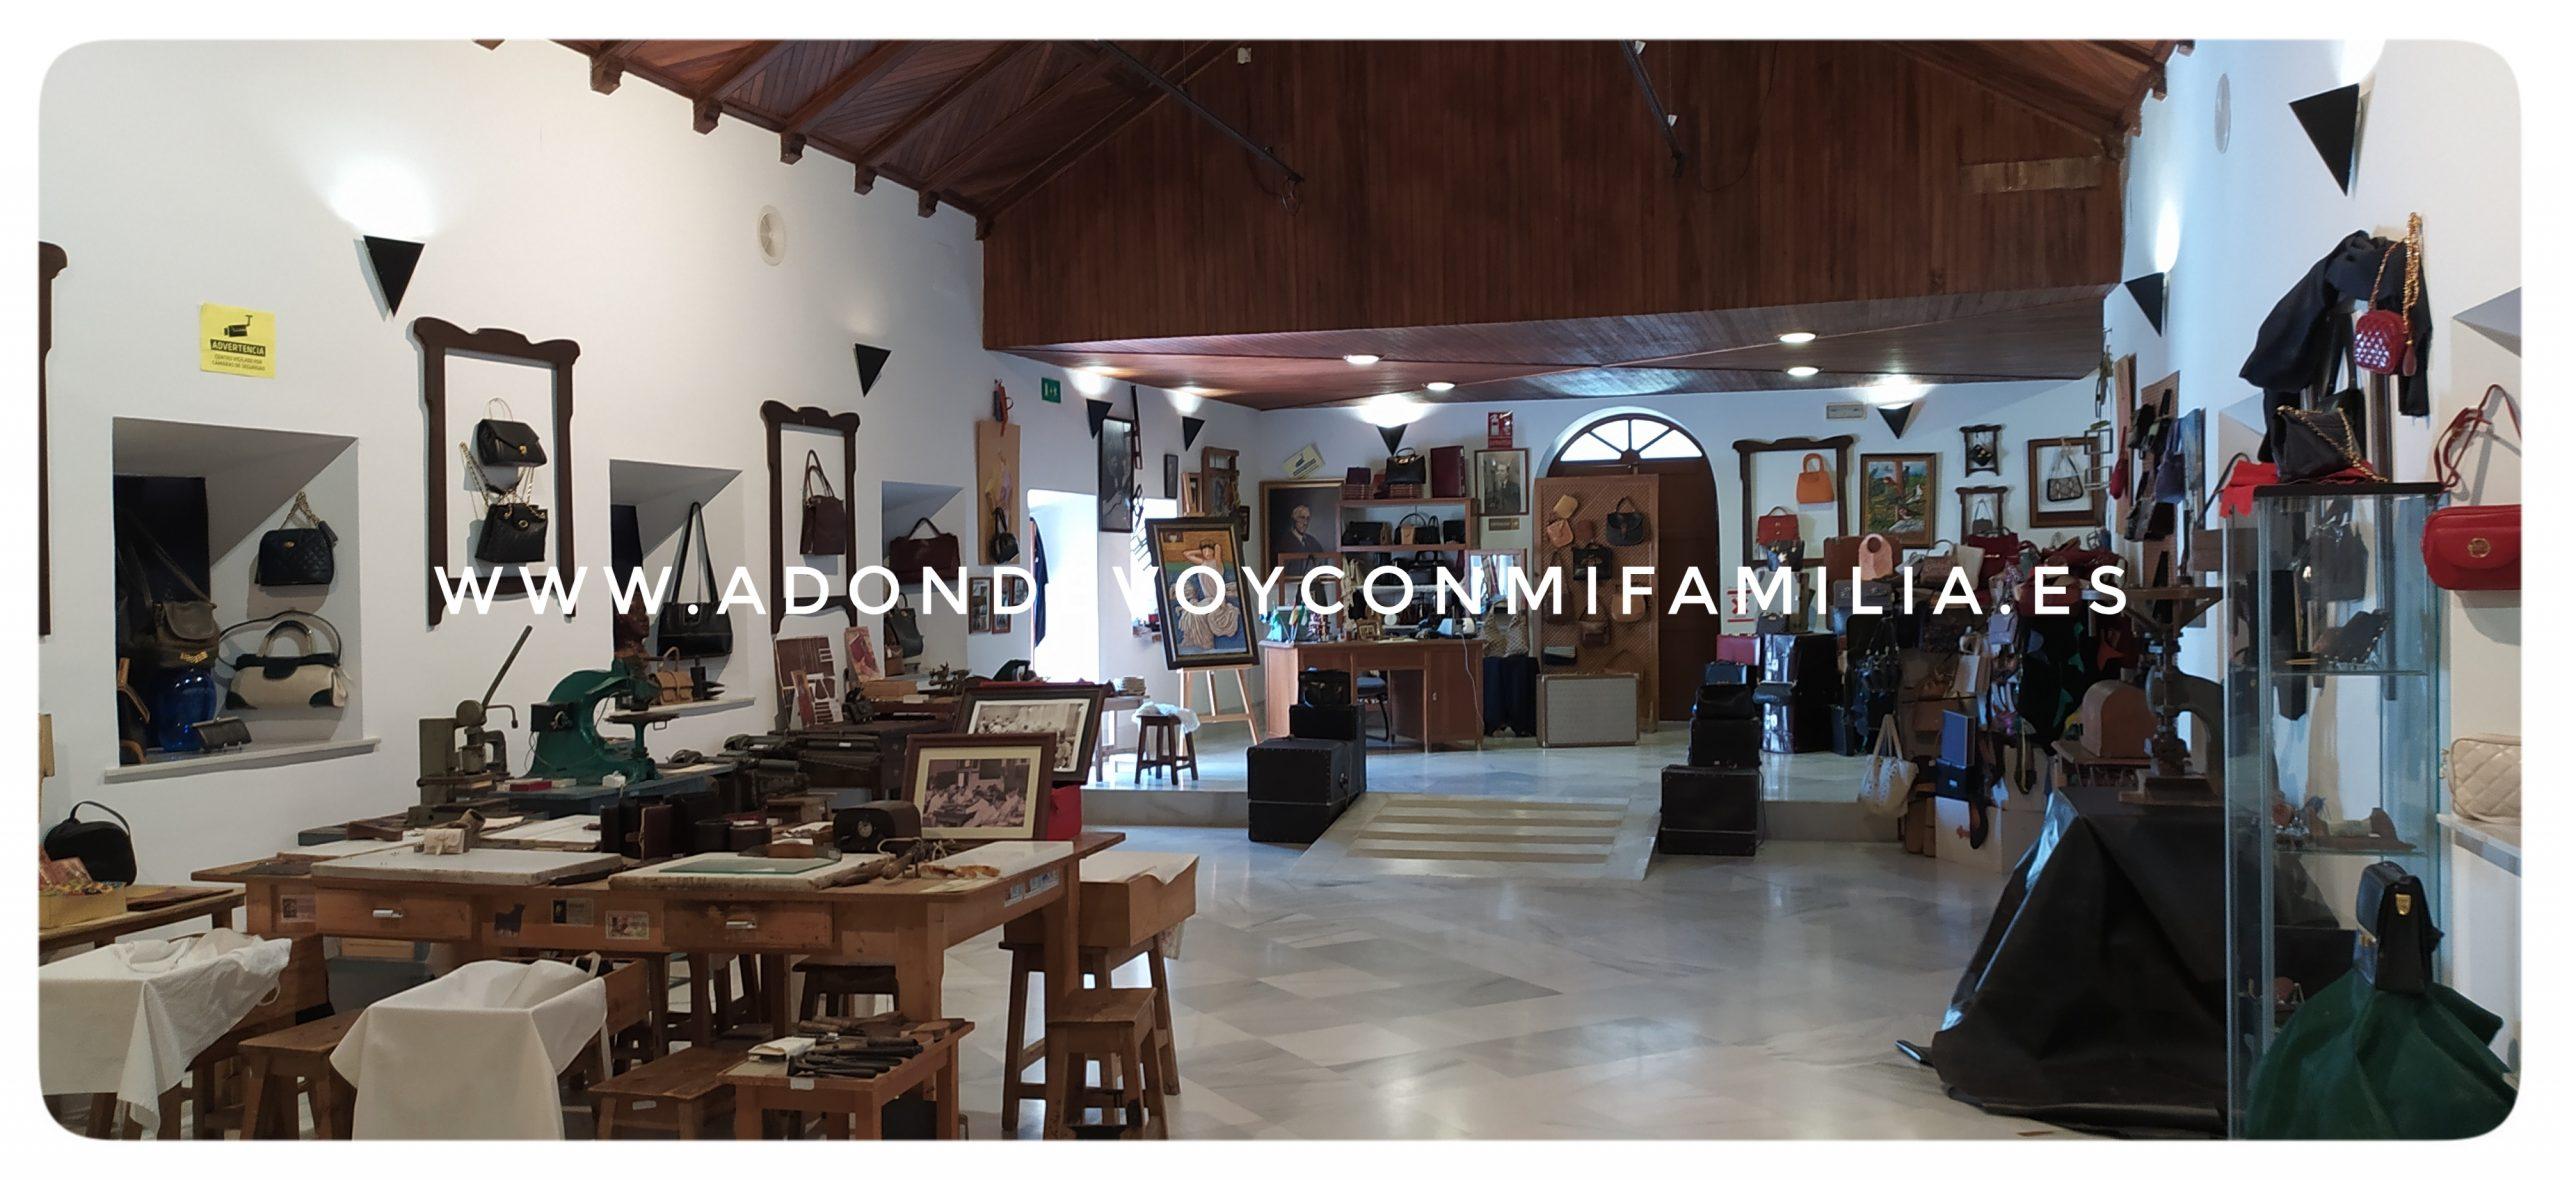 museo de la piel ubrique adondevoyconmifamilia (4)